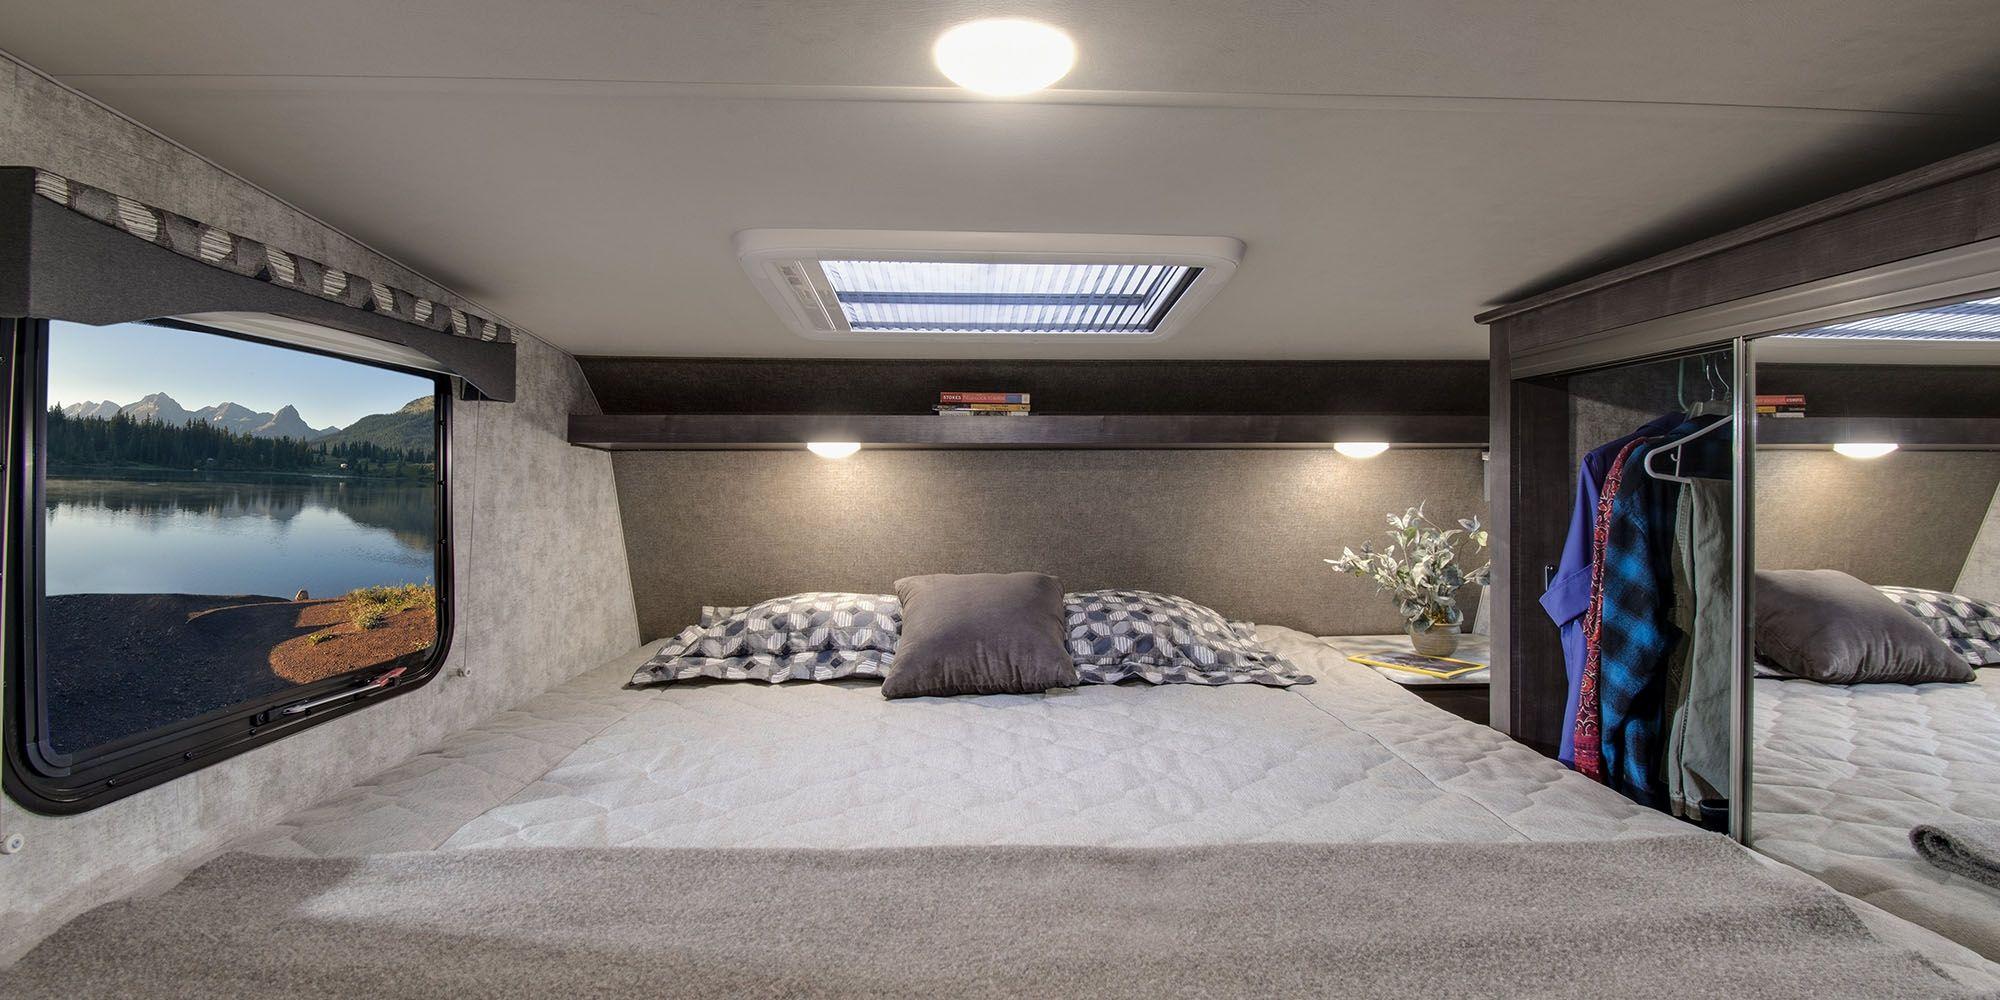 30 Amazing Picture of Camper Bedroom (Dengan gambar)